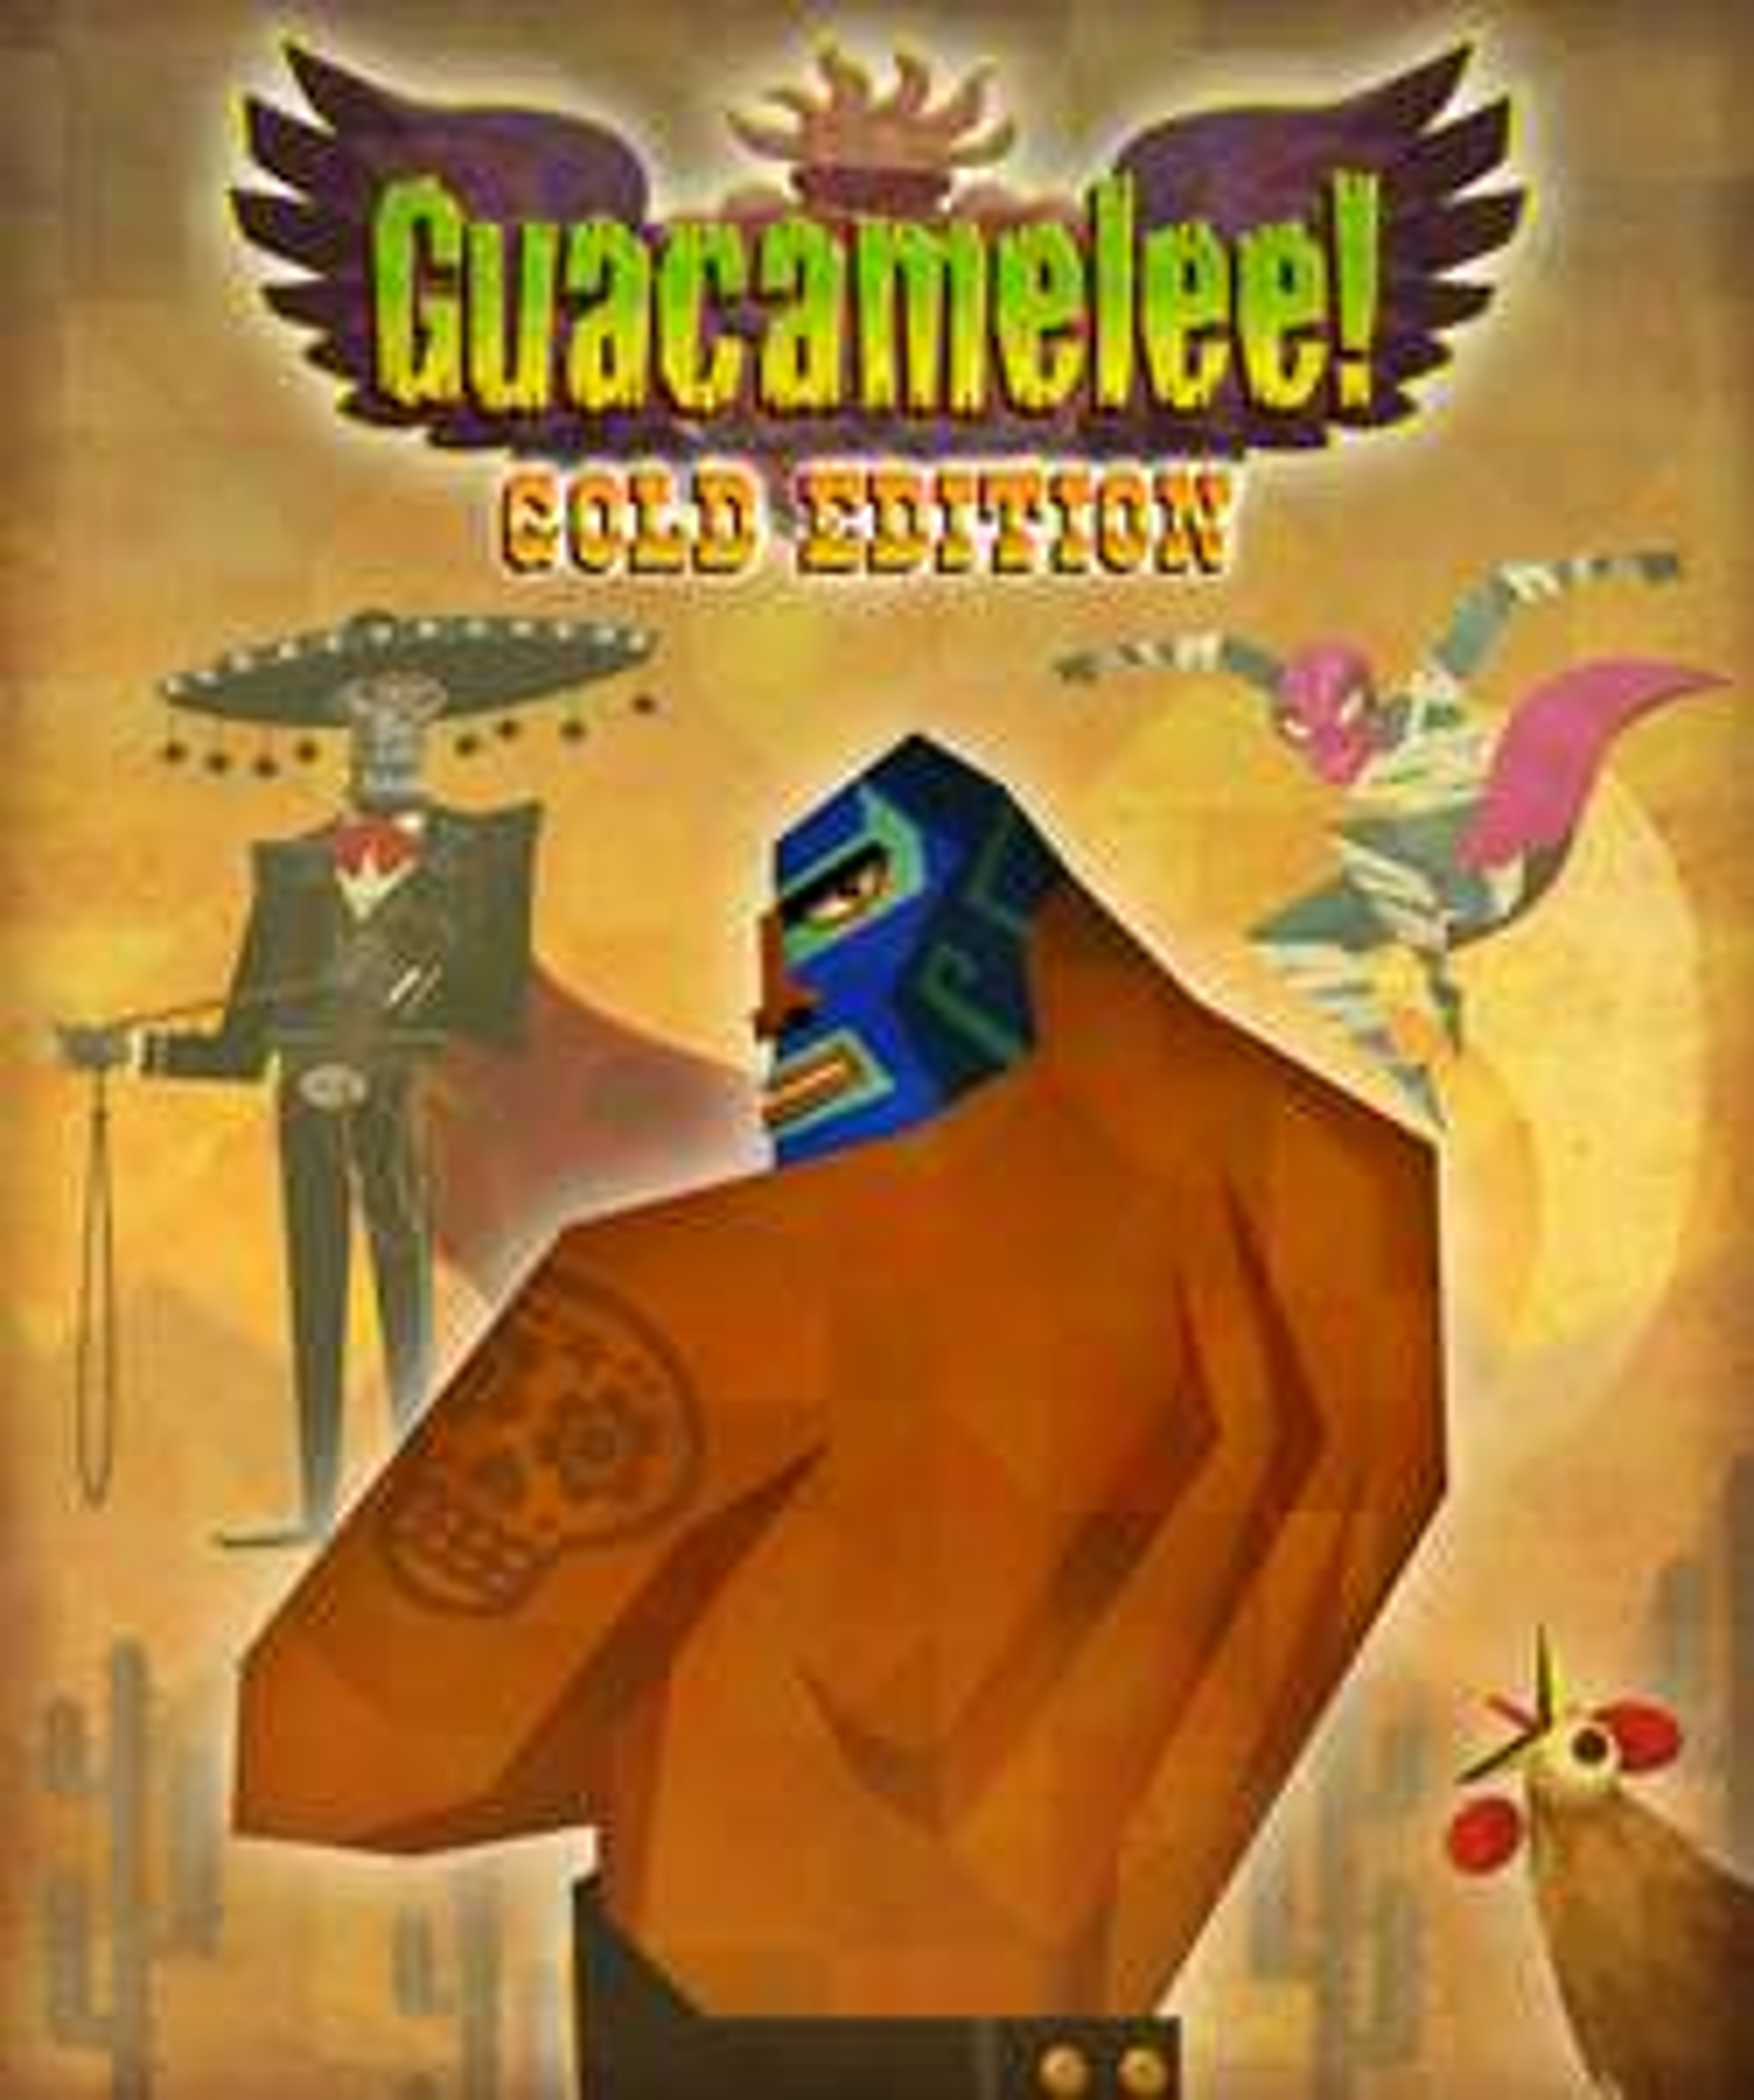 Sélection de jeux vidéo sur PC (dématérialisés) en promotion - Ex : Guacamelee! Gold Edition